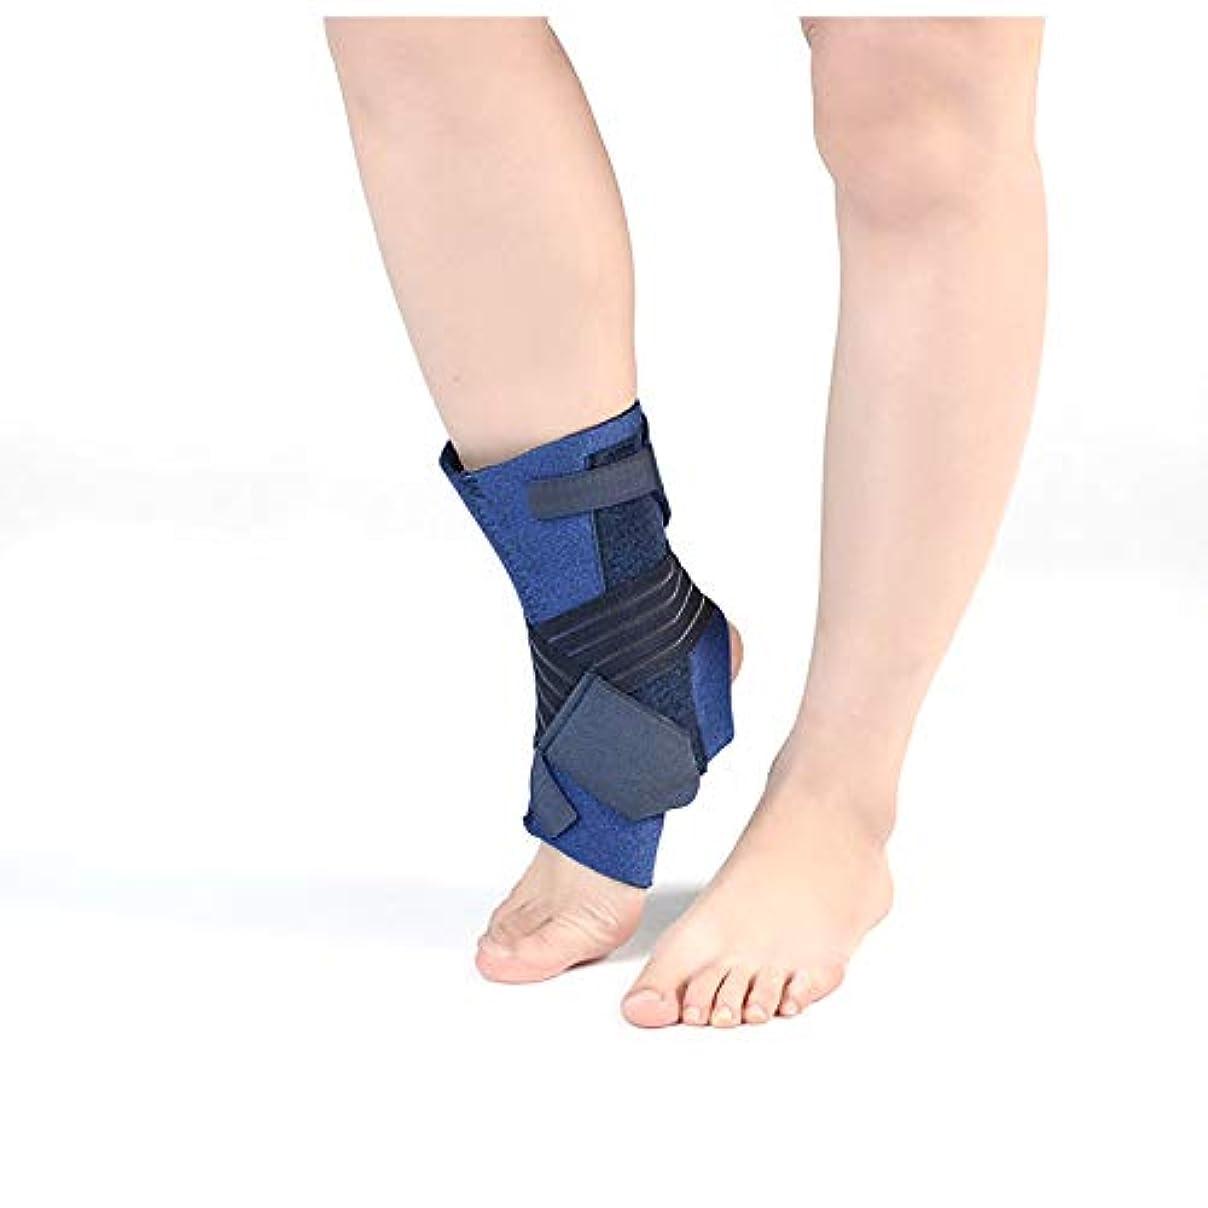 日の出計器船外足首サポート、男性/女性用の調節可能なベルクロ足首ブレース、スポーツ用足首ラップ、捻rain、靭帯損傷、アキレス腱、関節炎,S